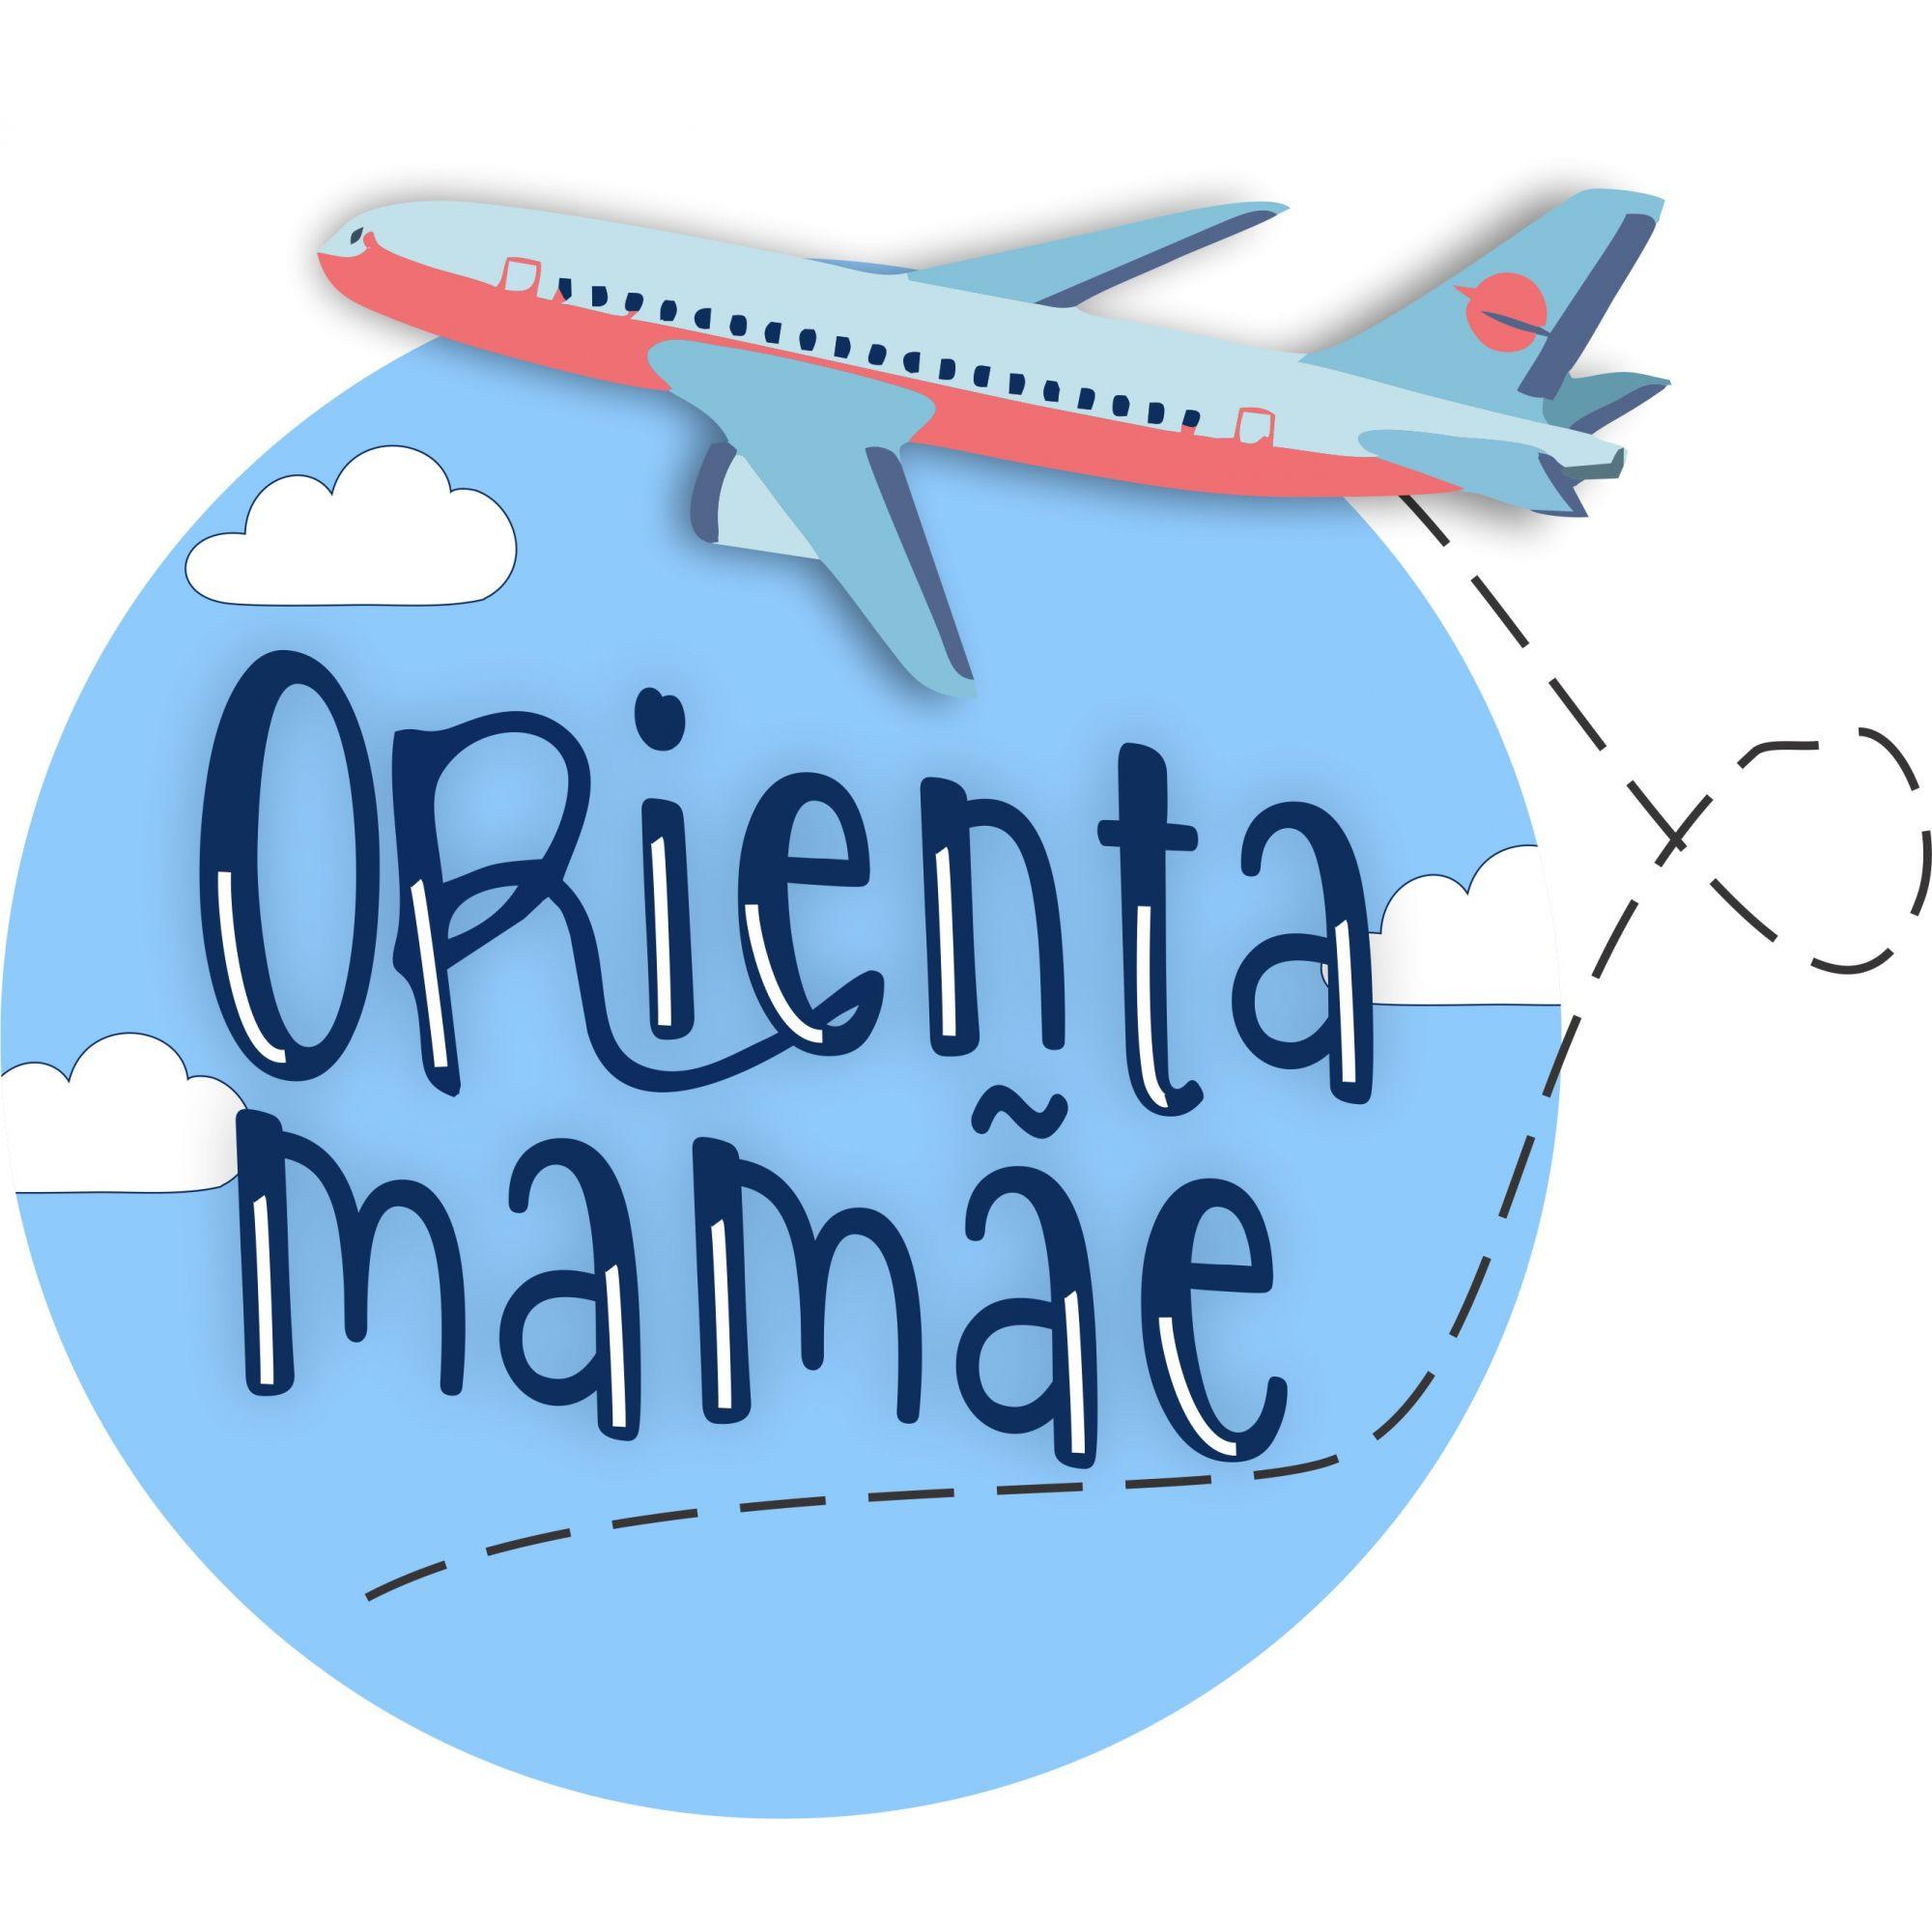 4° TURMA CURSO ORIENTA MAMÃE - CAROL ARAÚJO & RENATA DONADELI